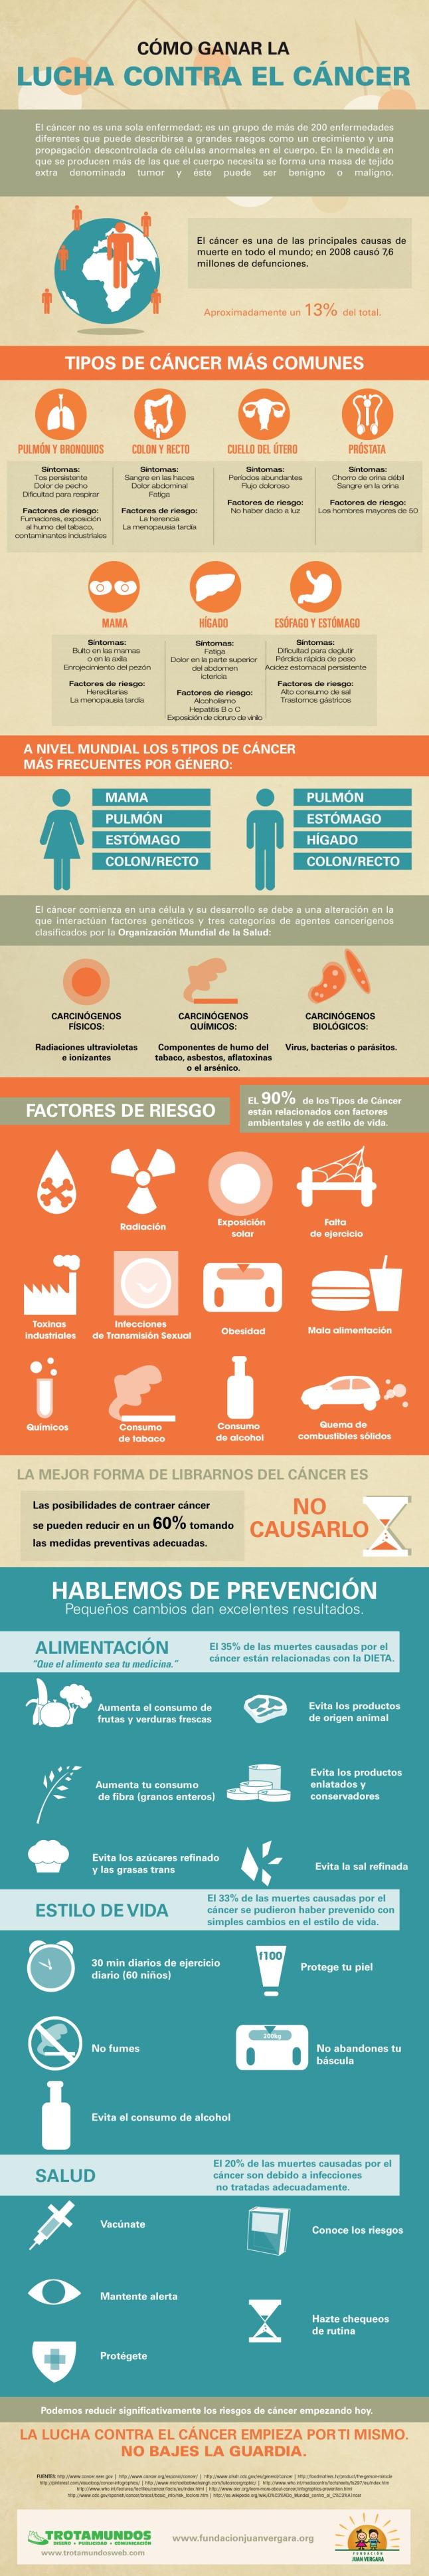 Cómo ganar la lucha contra el cáncer